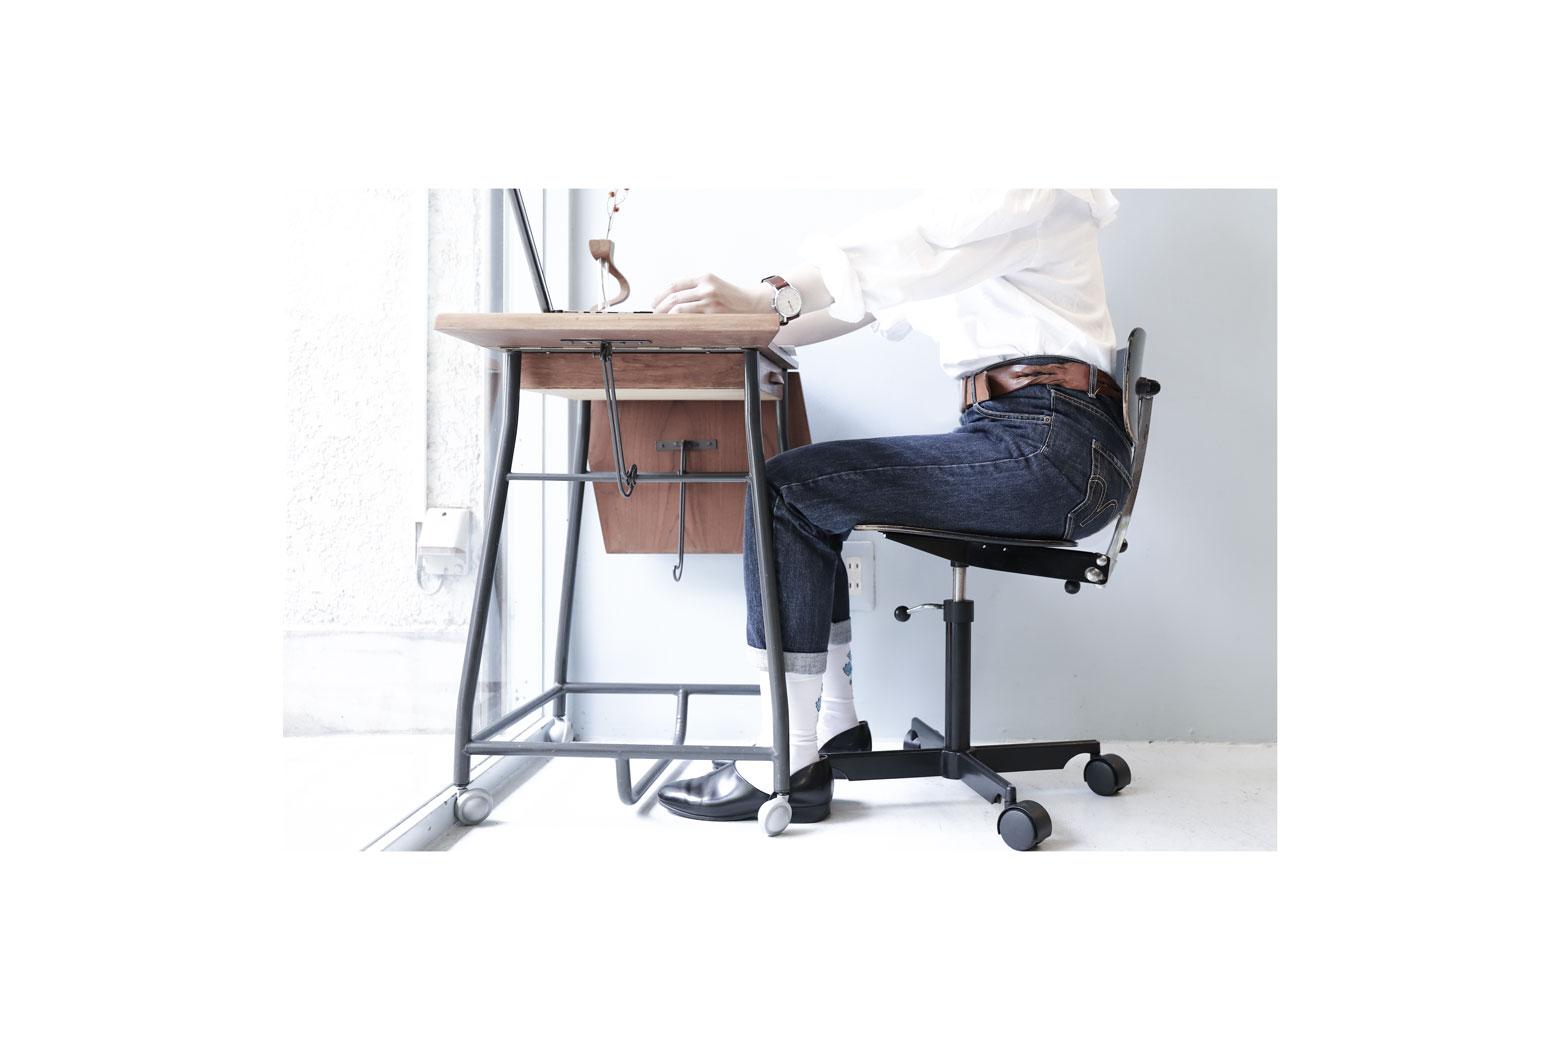 KEVI Chair mini Vintage Jørgen Rasmussen/ケヴィチェア ミニ ヴィンテージ ヨルゲン・ラスムッセン オフィス家具 北欧